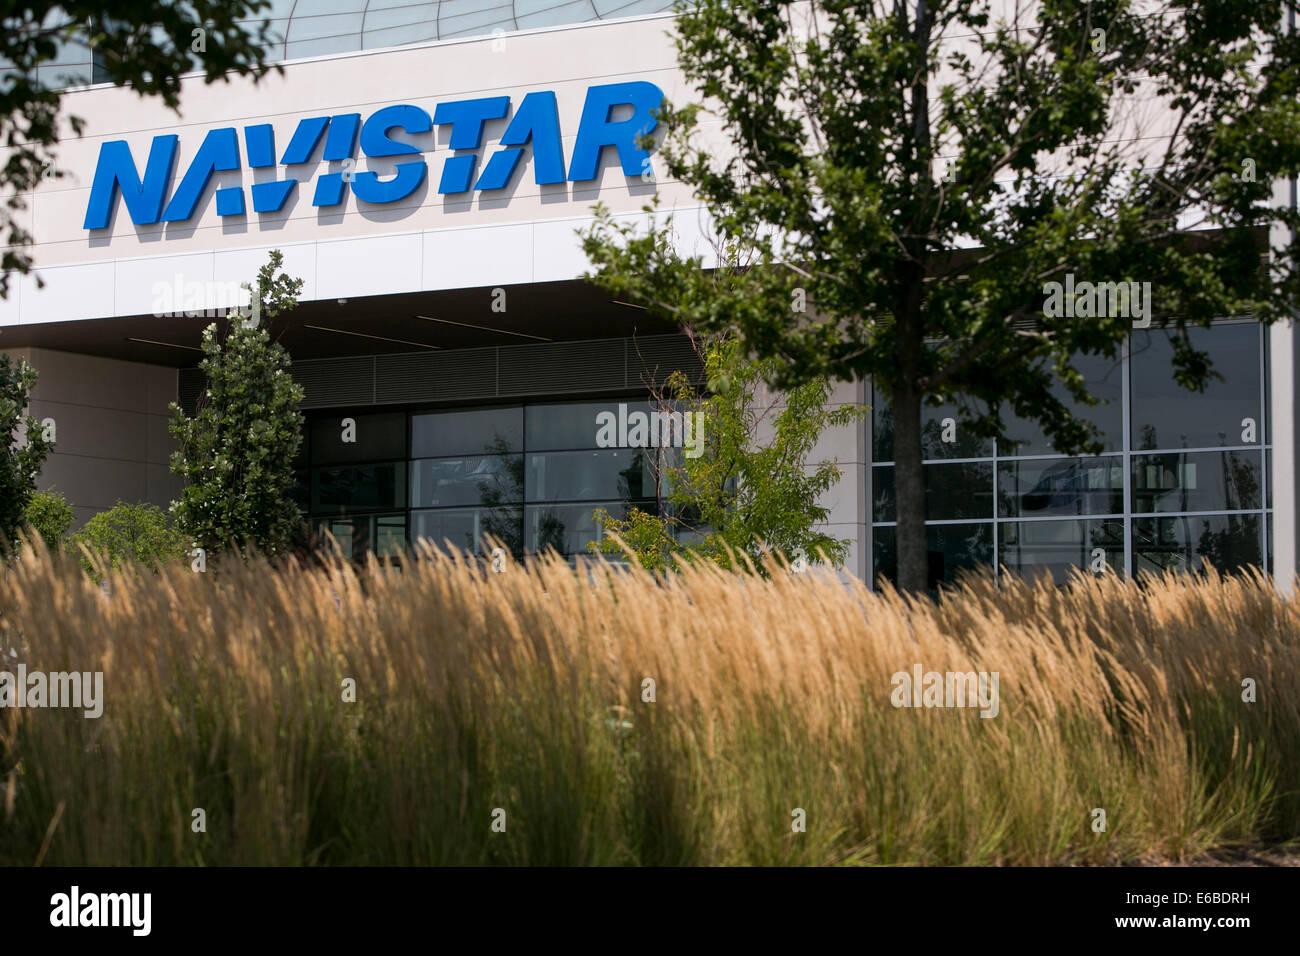 Navistar Stock Photos & Navistar Stock Images - Alamy